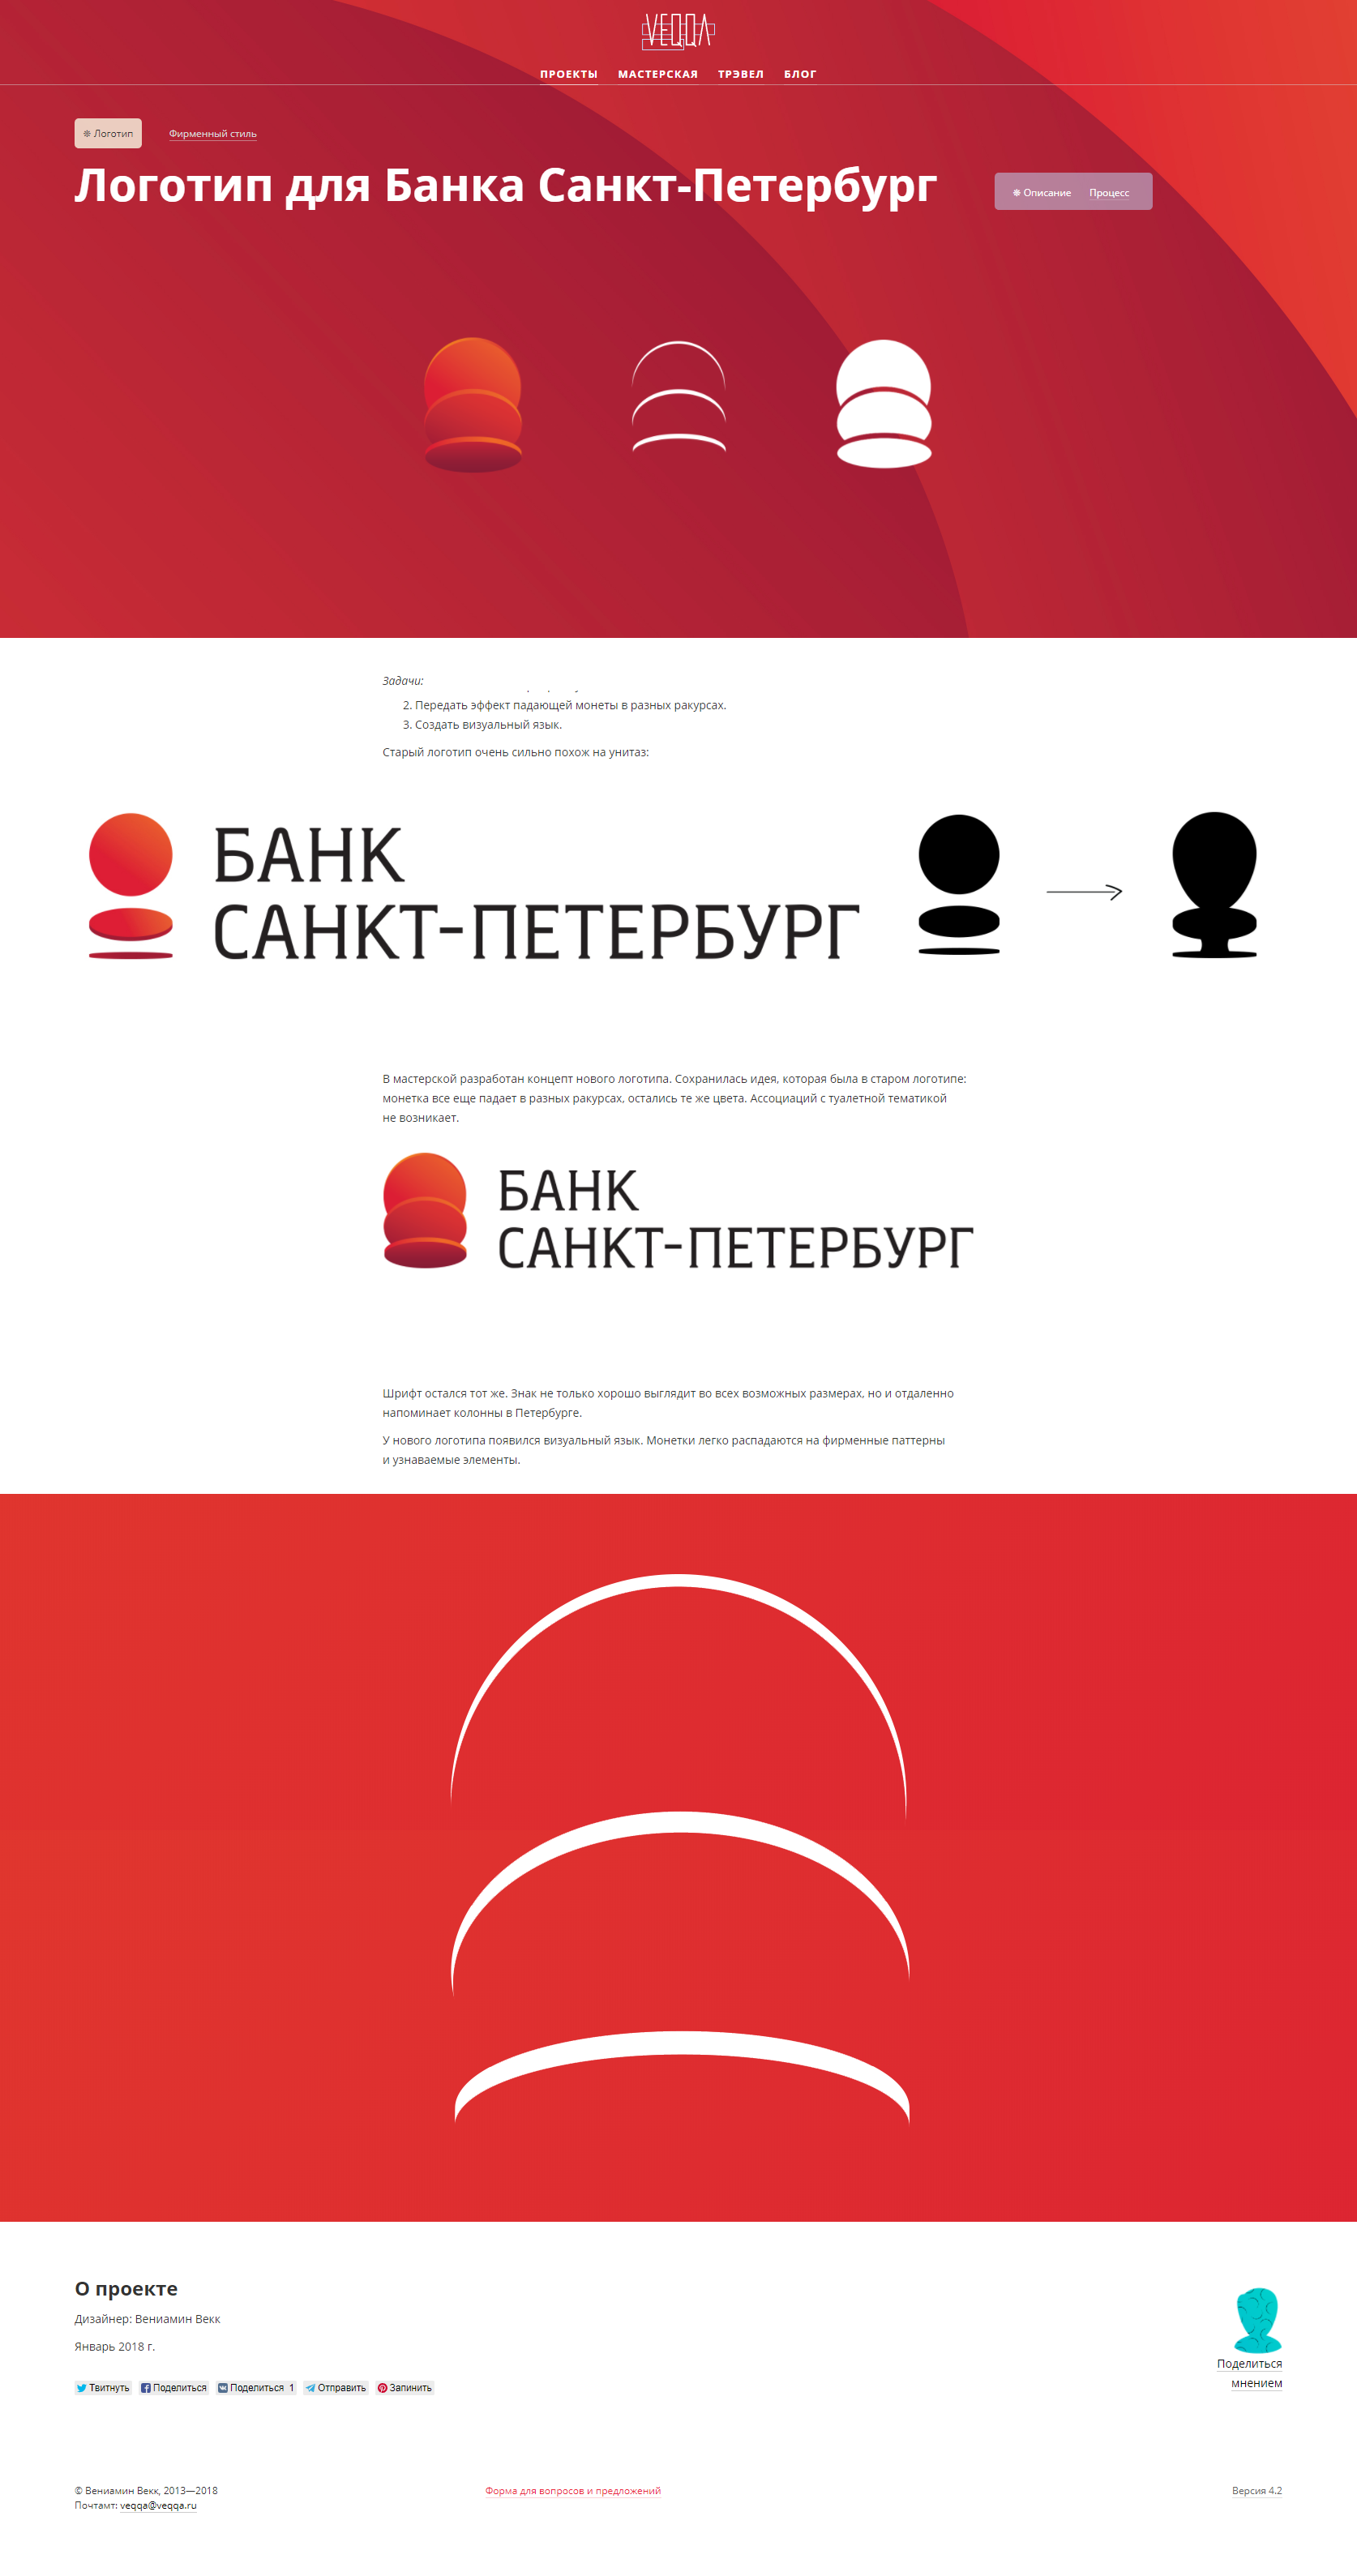 Логотип Банка Санкт-Петербург